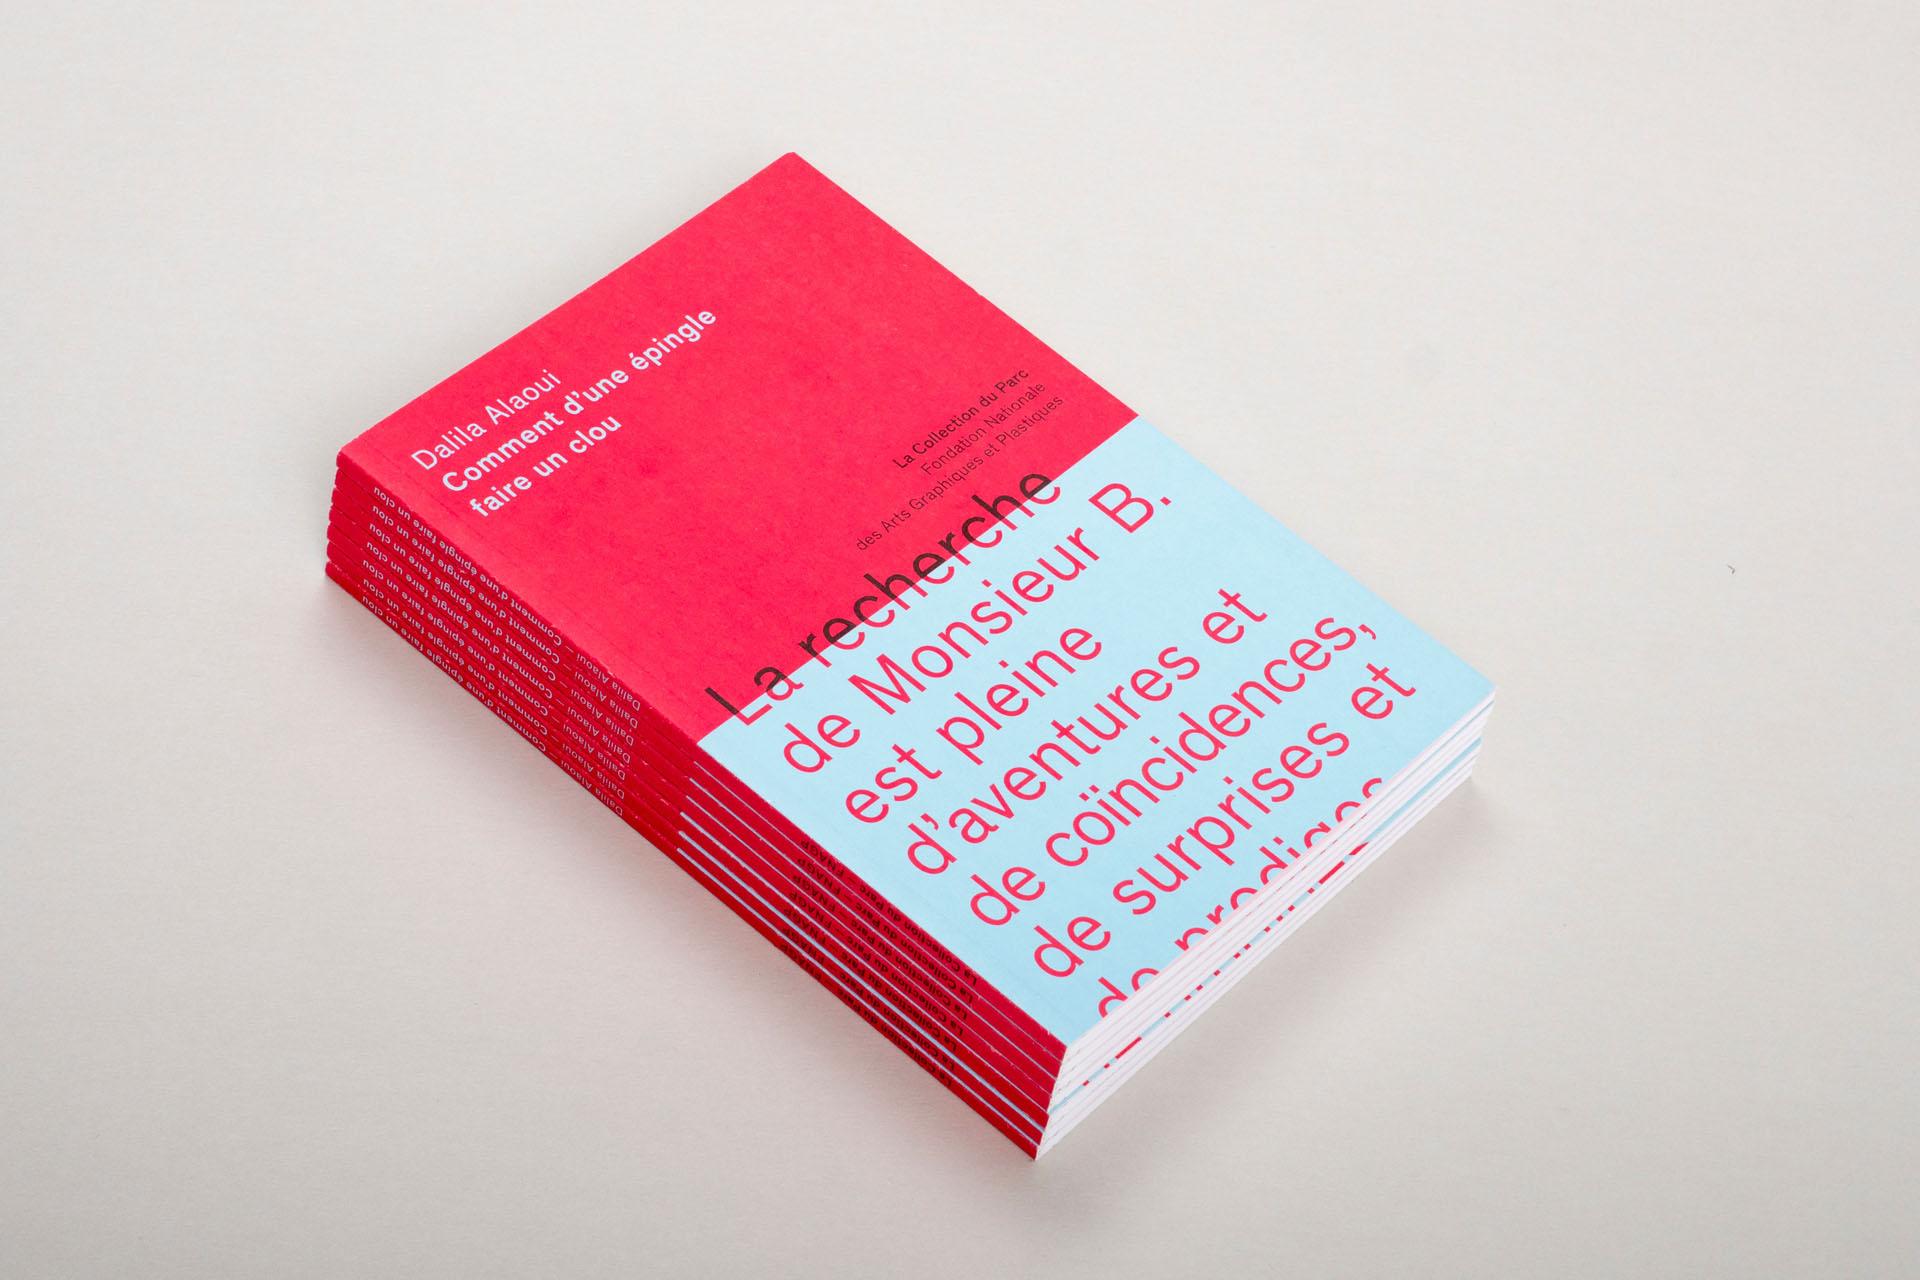 collection-du-parc-dalila-alaoui-édition-bernard-chauveau-plastac